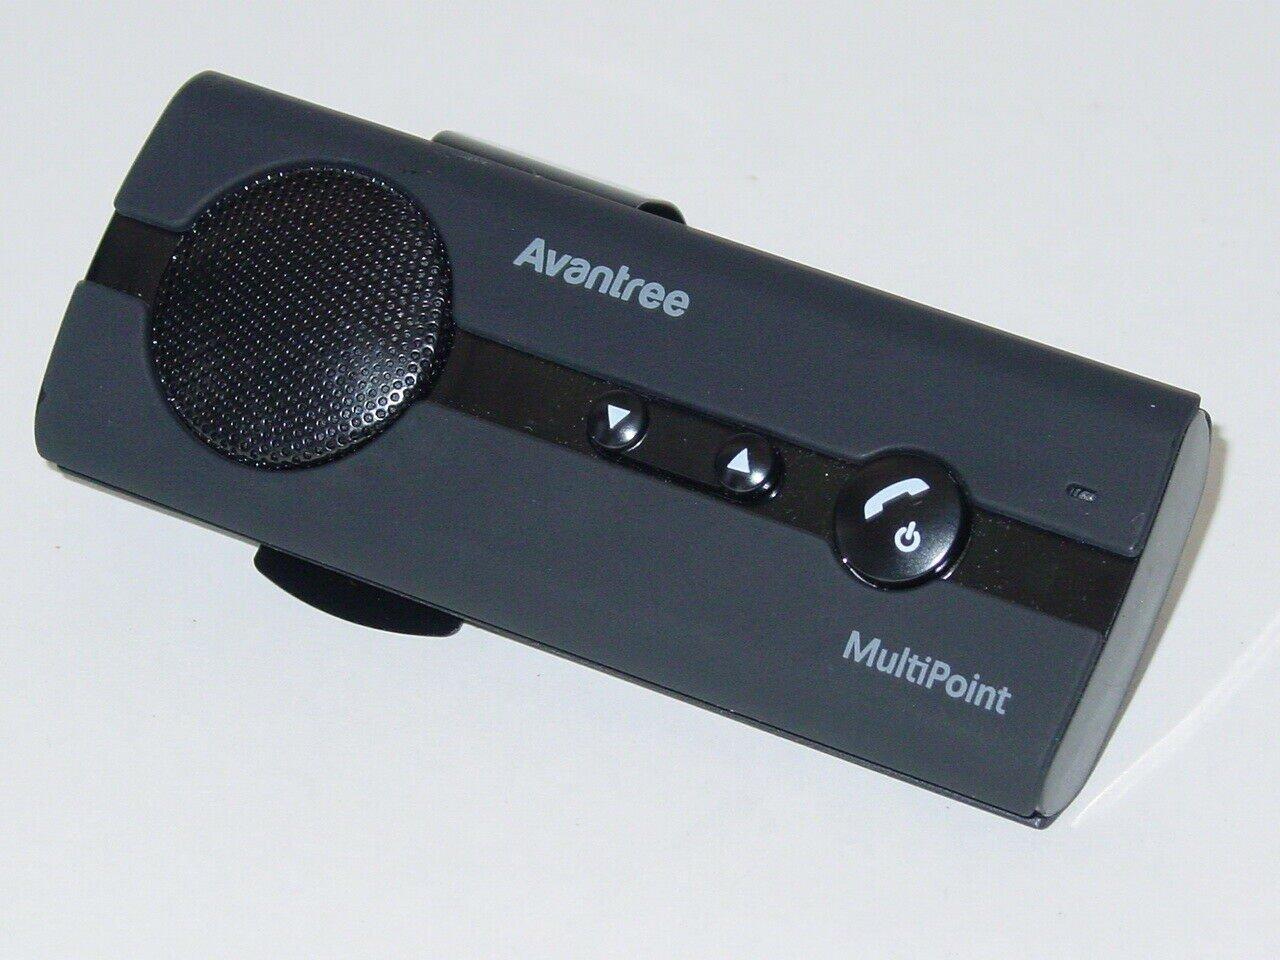 Avantree 10BP Handsfree Bluetooth for Car Multipoint Speakerphone BTCK-10BP